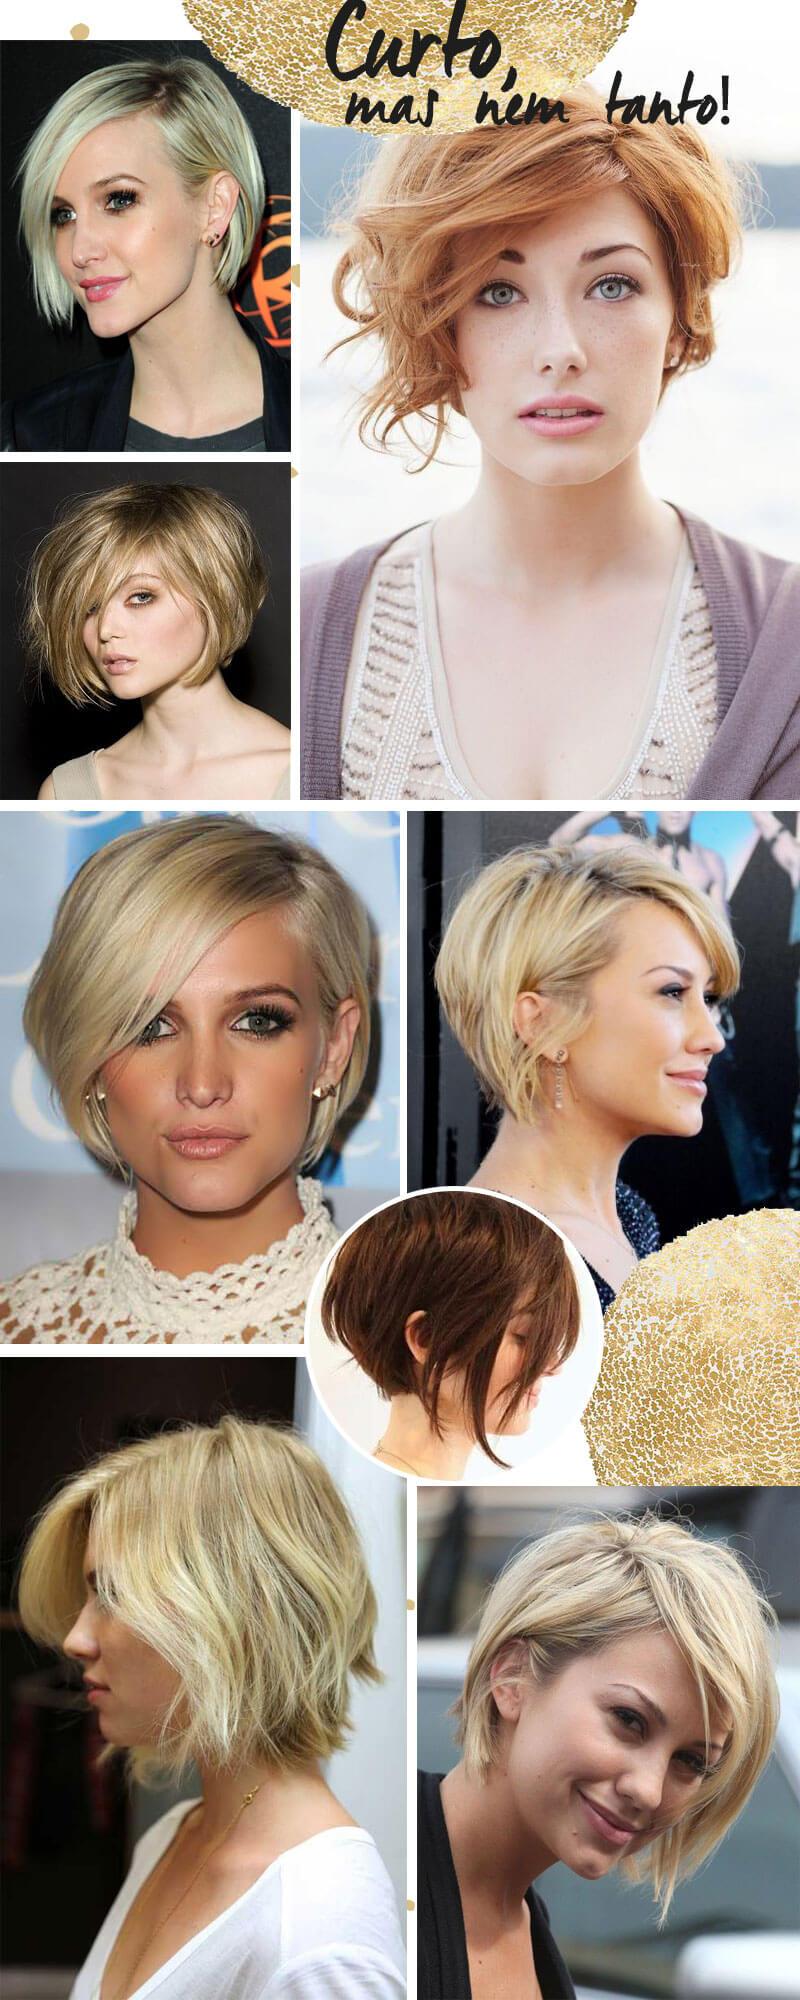 corte-de-cabelo-curto